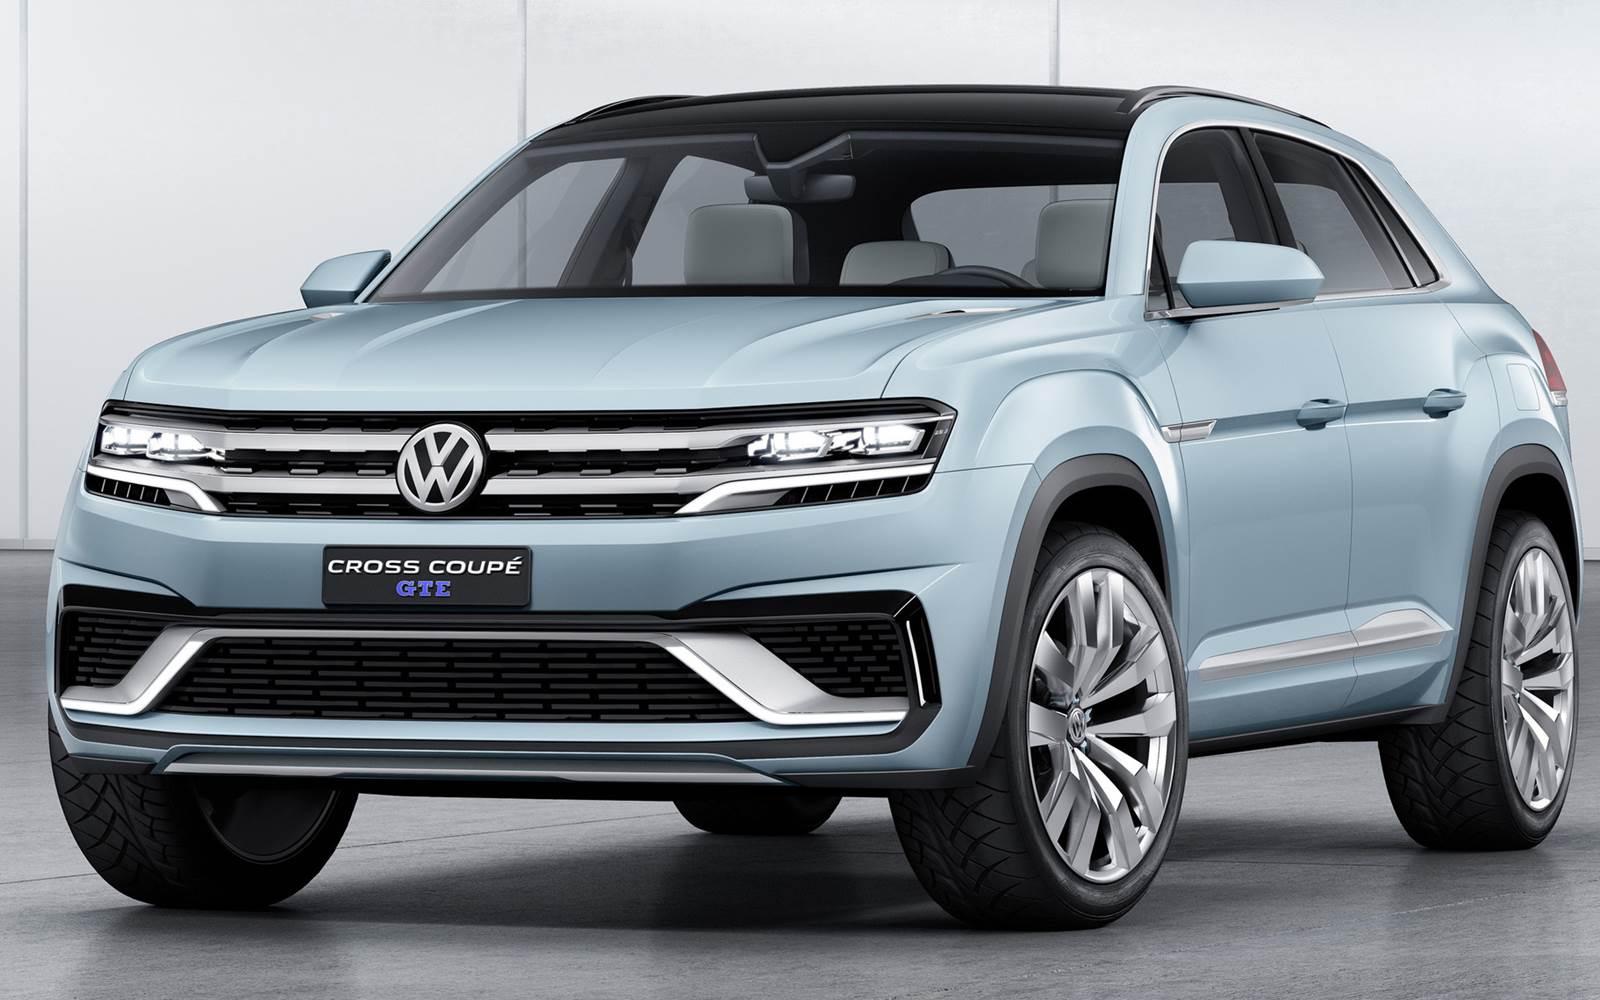 Novo Tiguan 2016 - Volkswagen Cross Coupé GTE